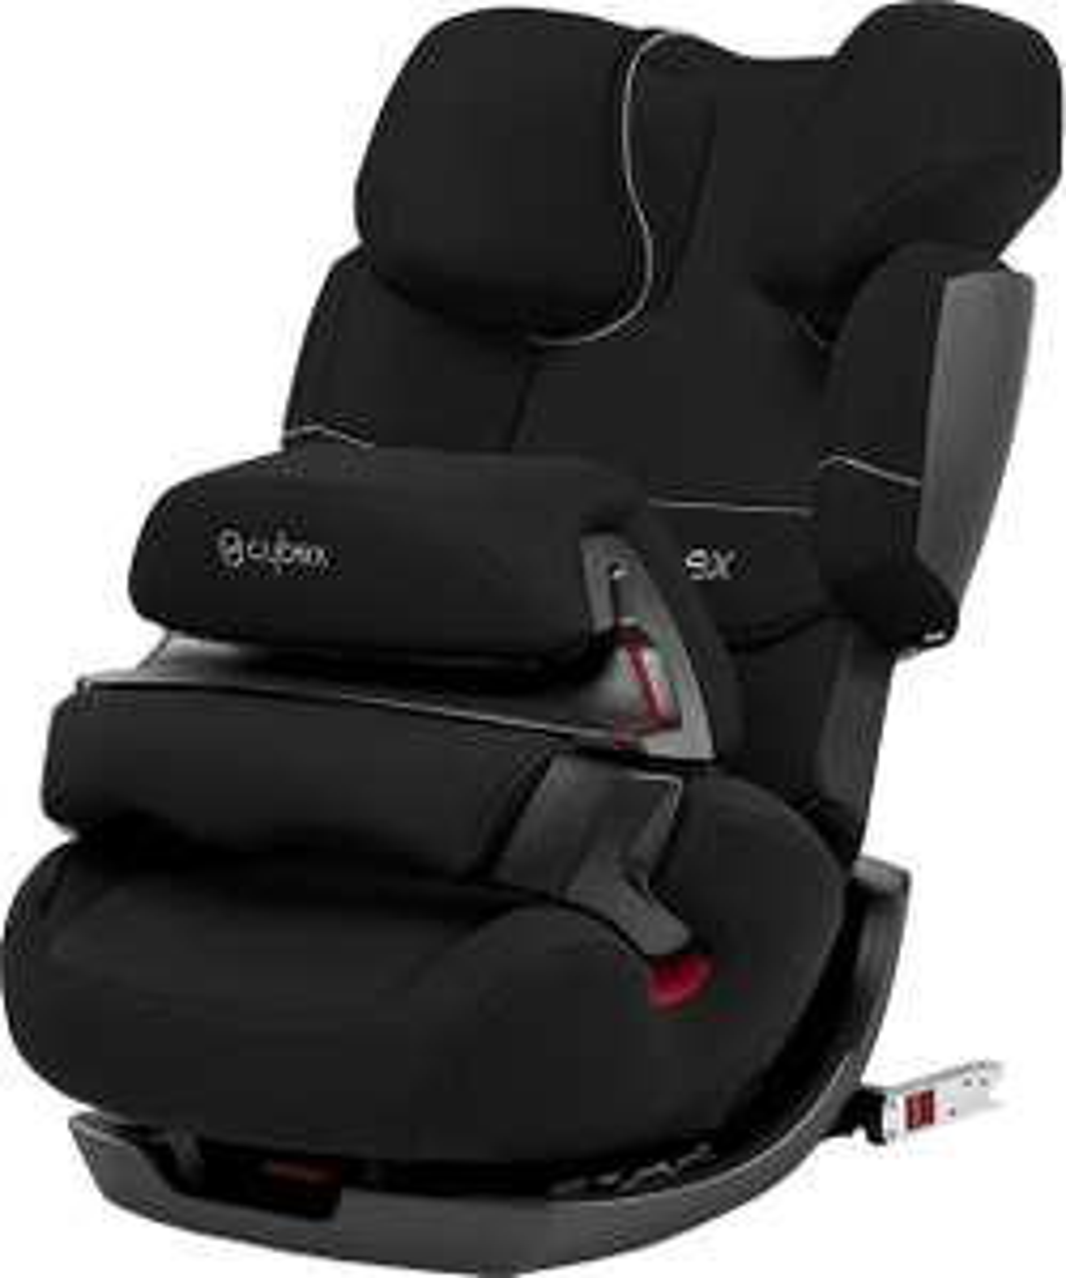 Babymarkt mit 10% extra Rabatt - zB Cybex SILVER Kindersitz Pallas-fix für 139,50€, Stokke Tripp Trapp mit Baby-Set für nur 194,50€ uvm.